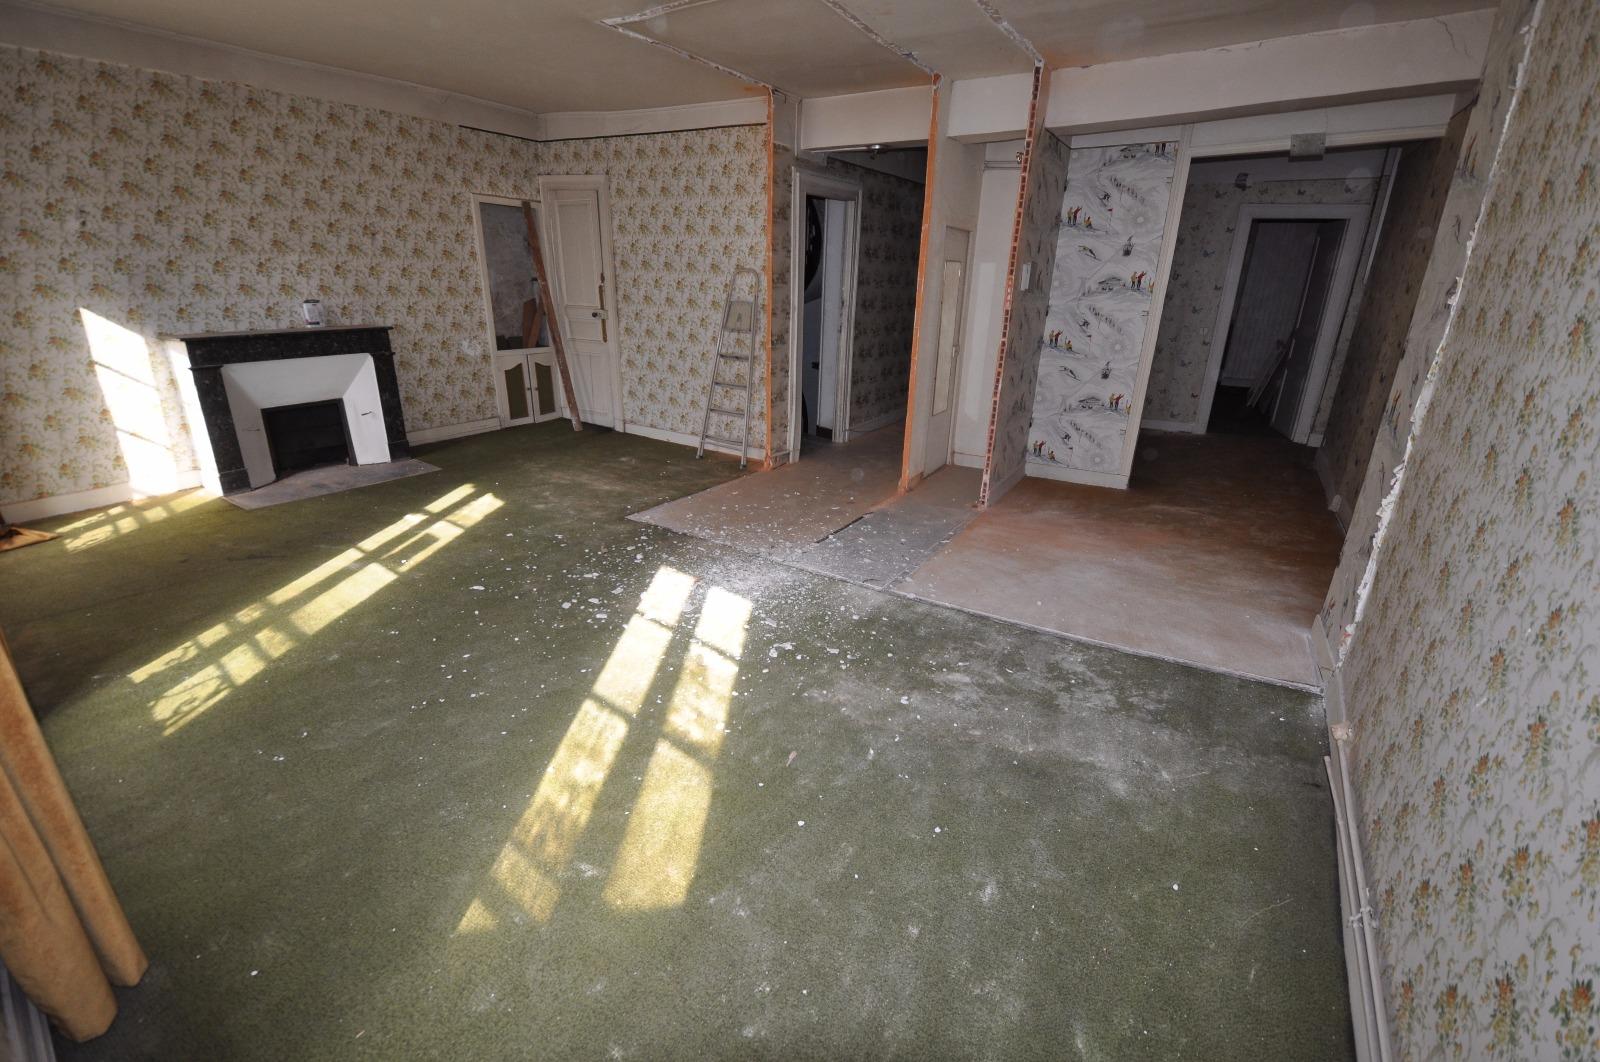 exclusivit pau centre belle opportunit avec cet appartement de 87 m r nover. Black Bedroom Furniture Sets. Home Design Ideas